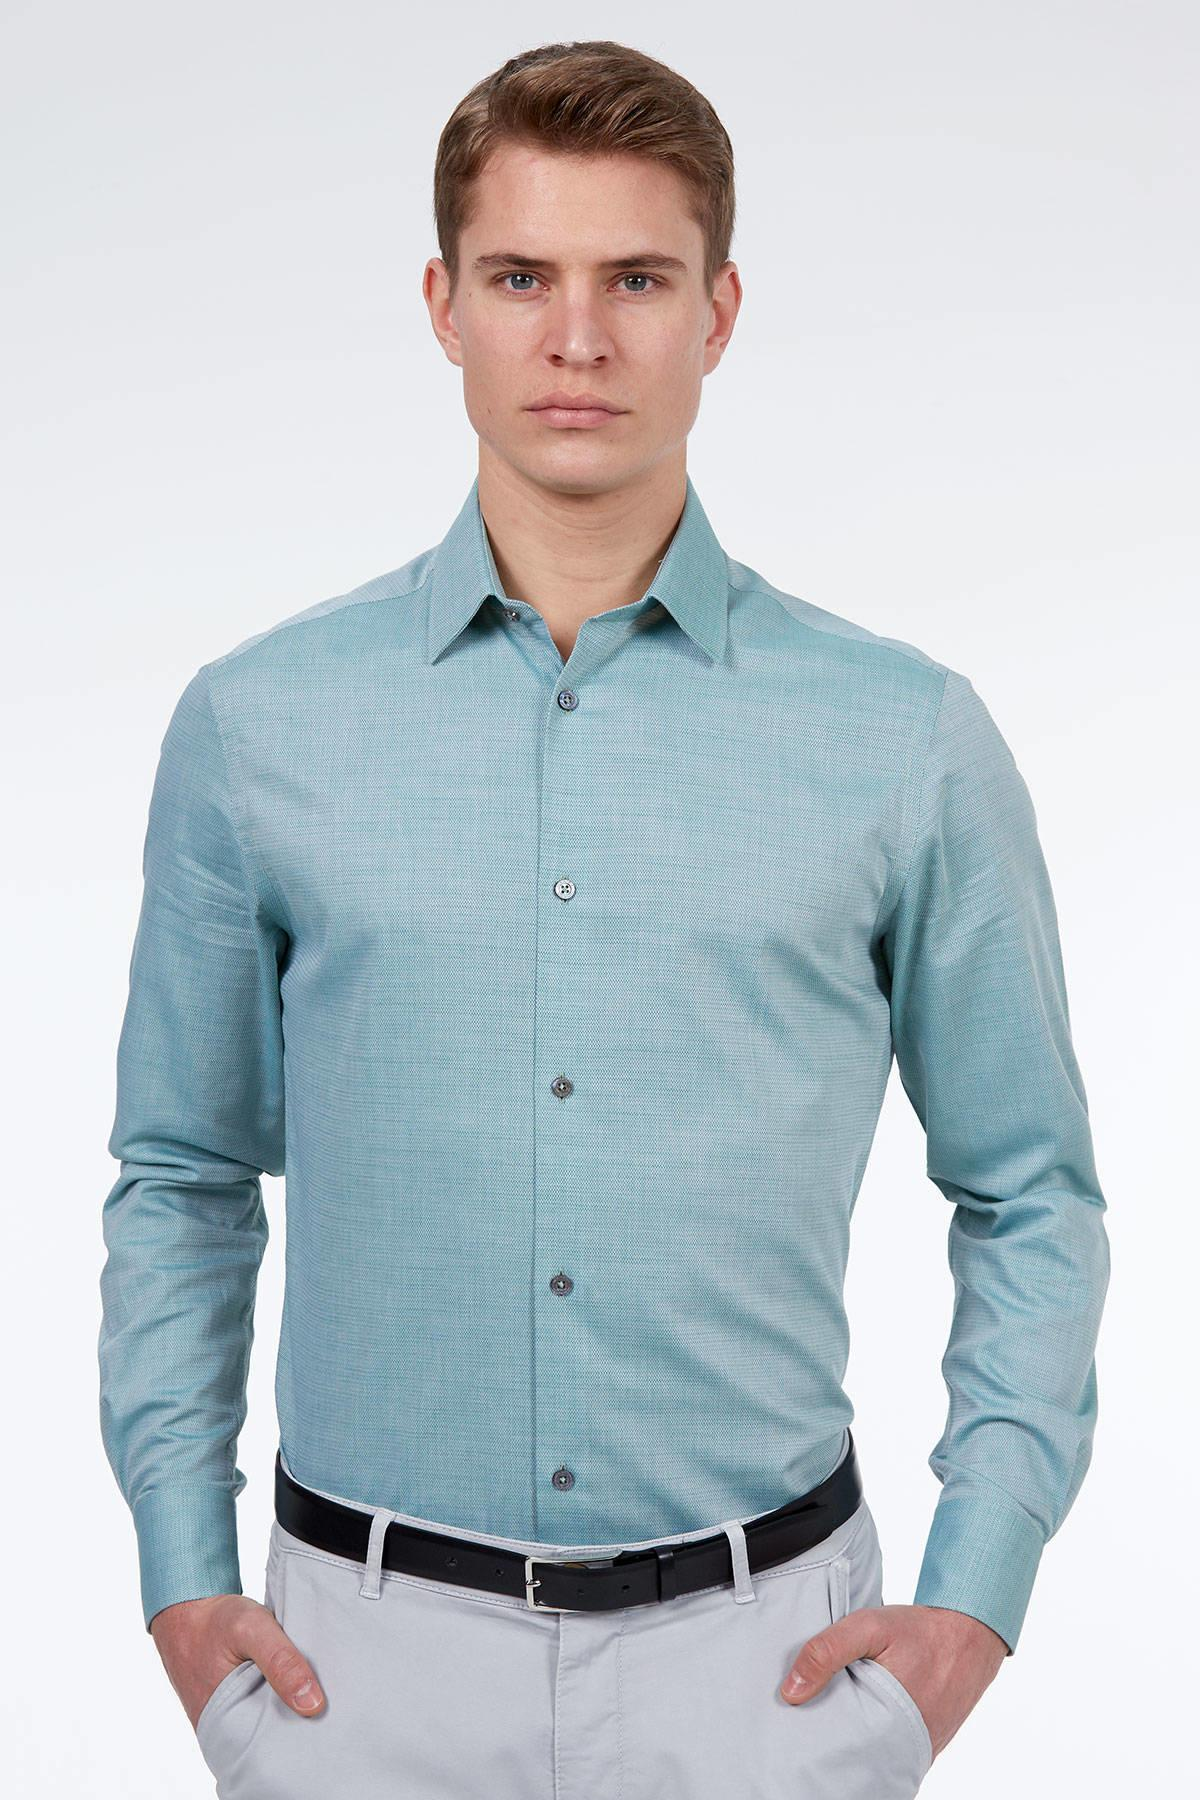 Açık Yeşil Dokulu Business Gömlek